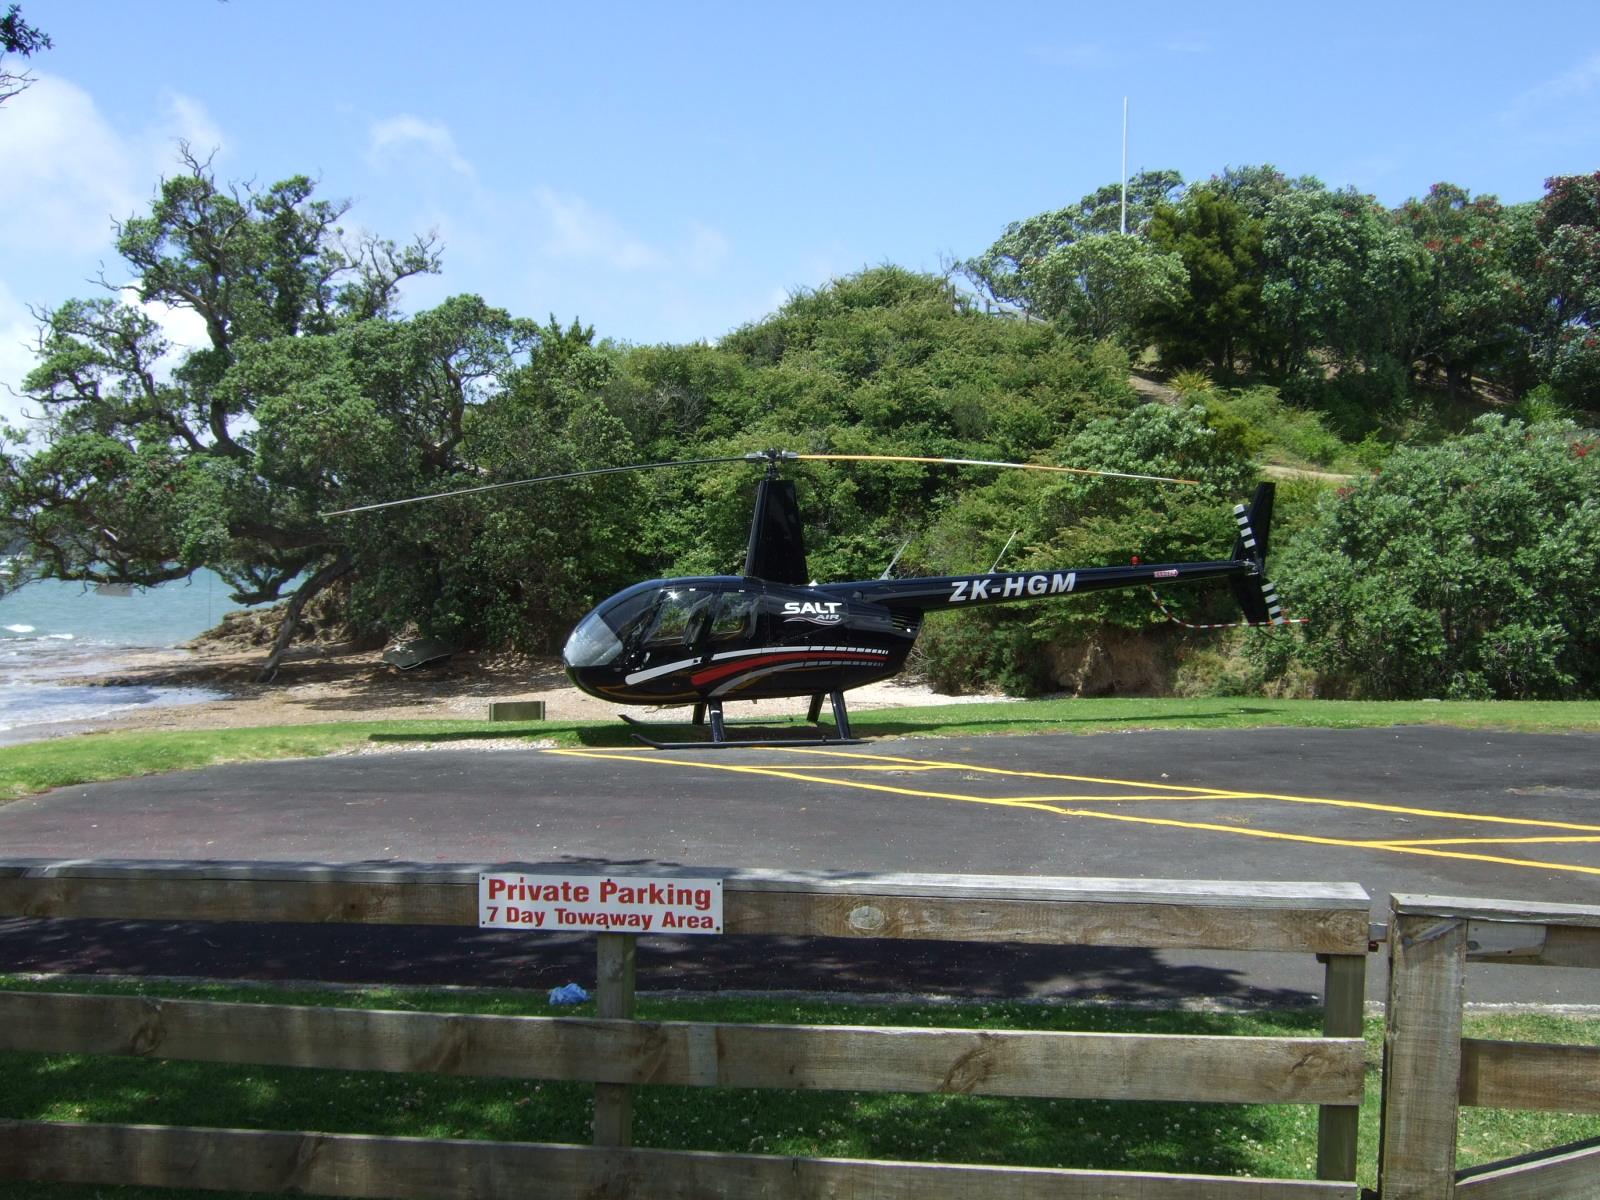 ヘリコプター,ヘリポート,パイヒア,NZ〈著作権フリー無料画像〉Free Stock Photos